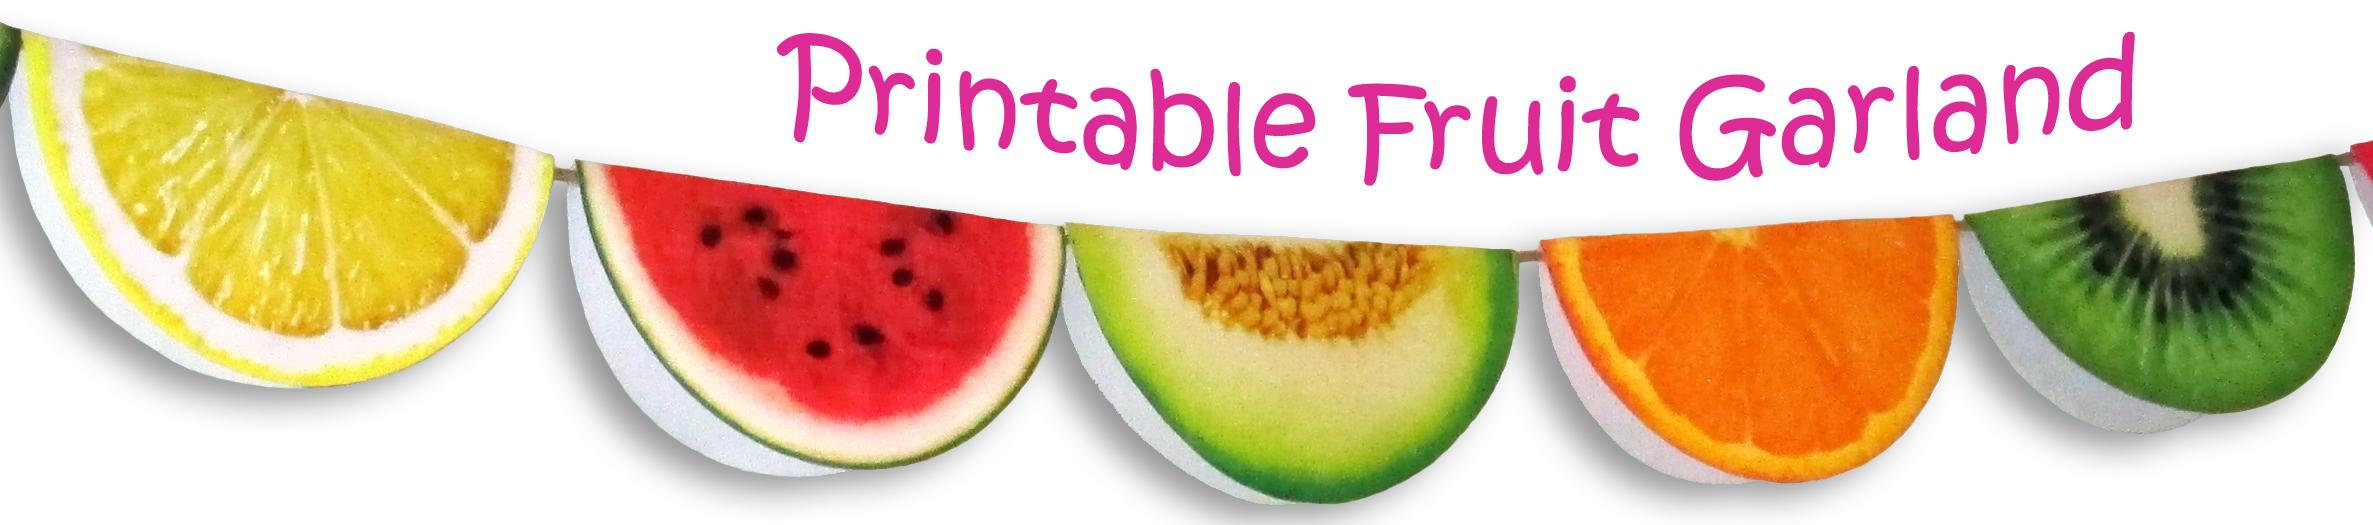 Printable Fruit Garland